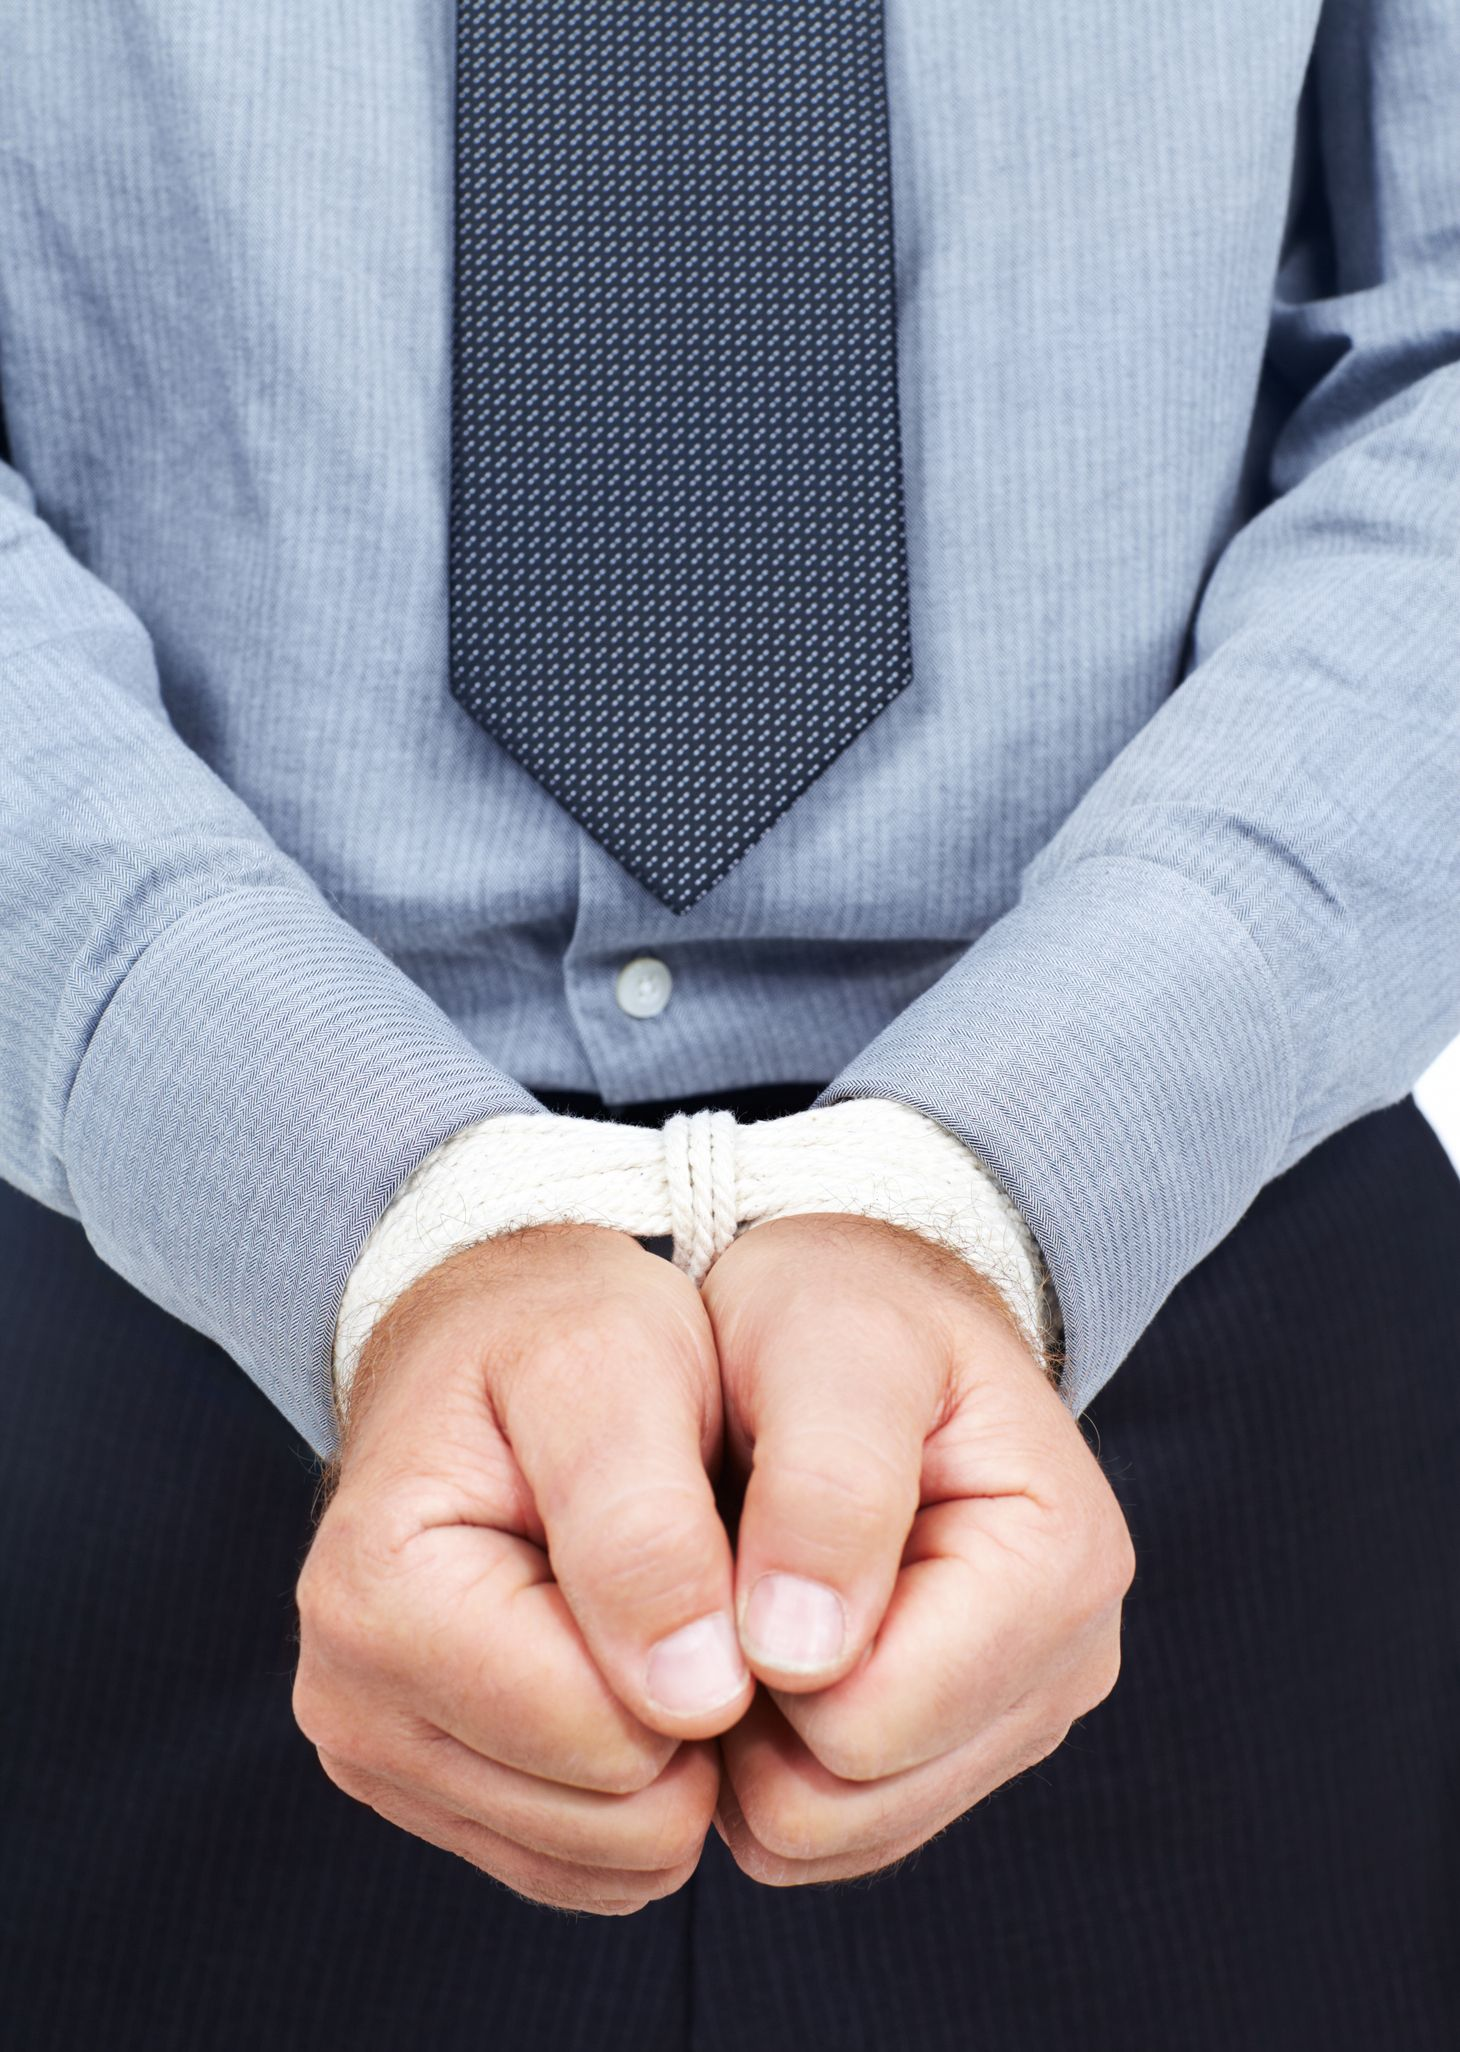 Niña le duele que le hagan dedos porno Sexo 5 Senales De Que Te Masturbas En Exceso Sexo En Soledad